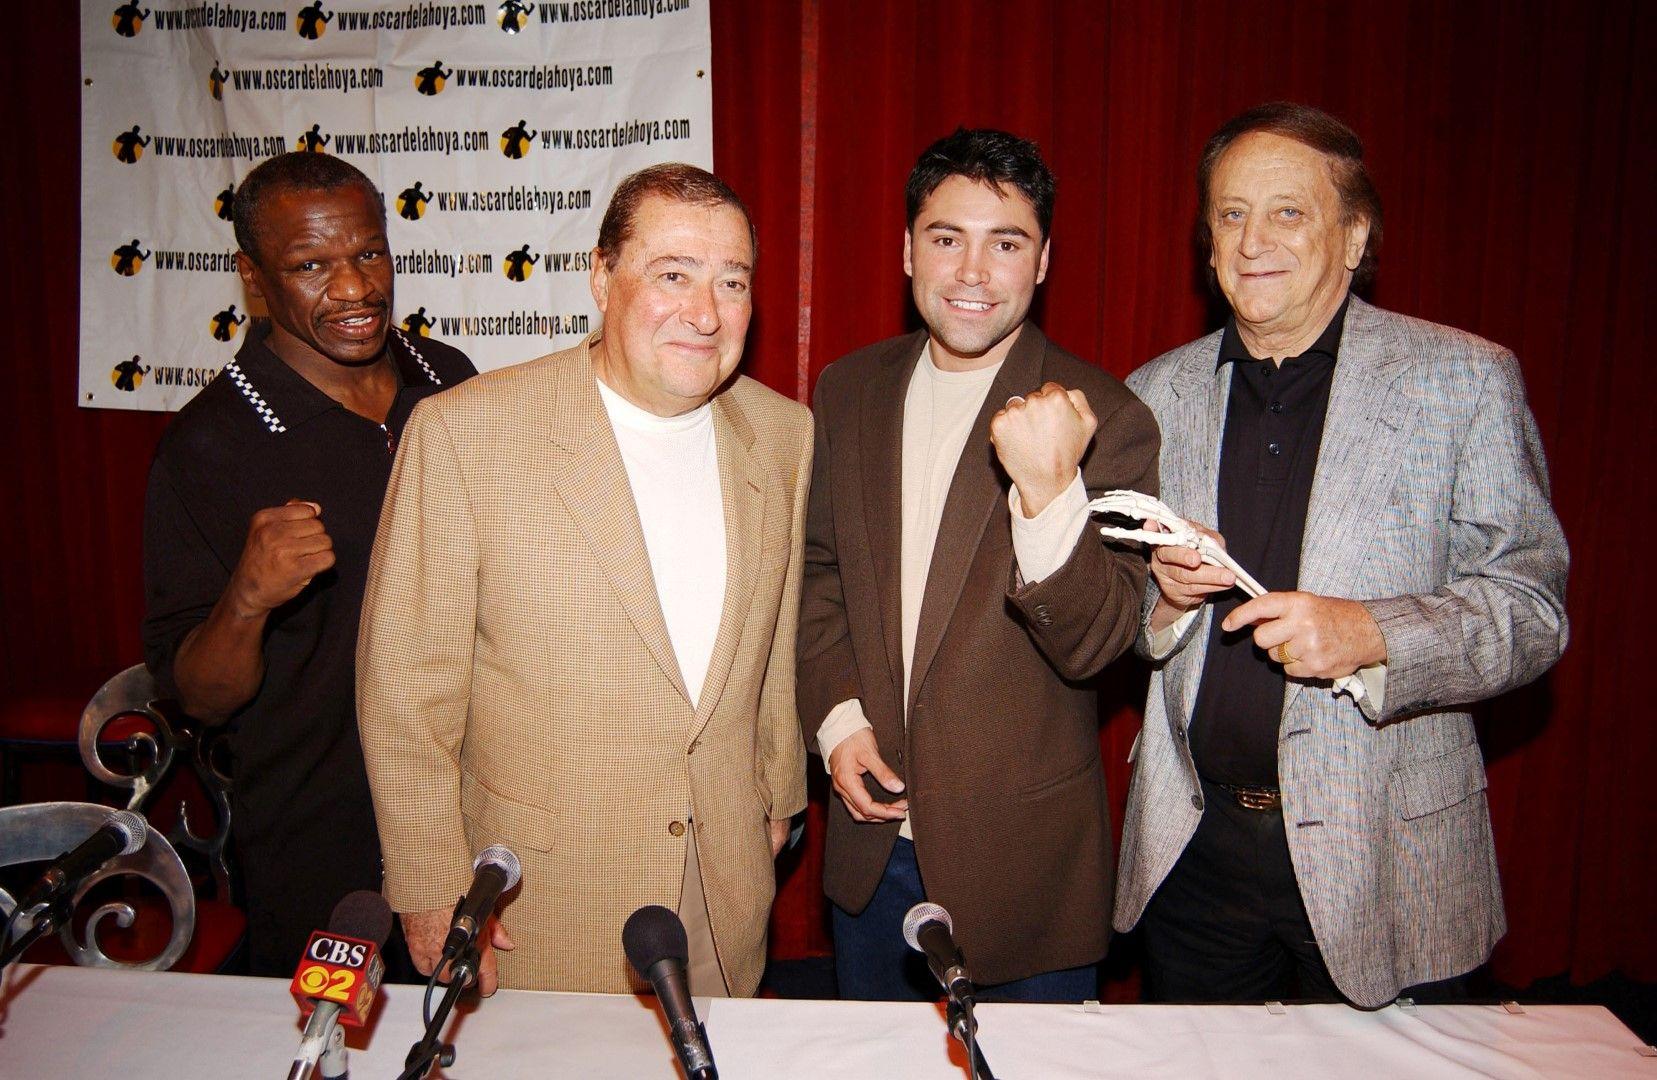 С Флойд Мейуедър (старши-вляво) и Оскар де ла Оя (втори отдясно)